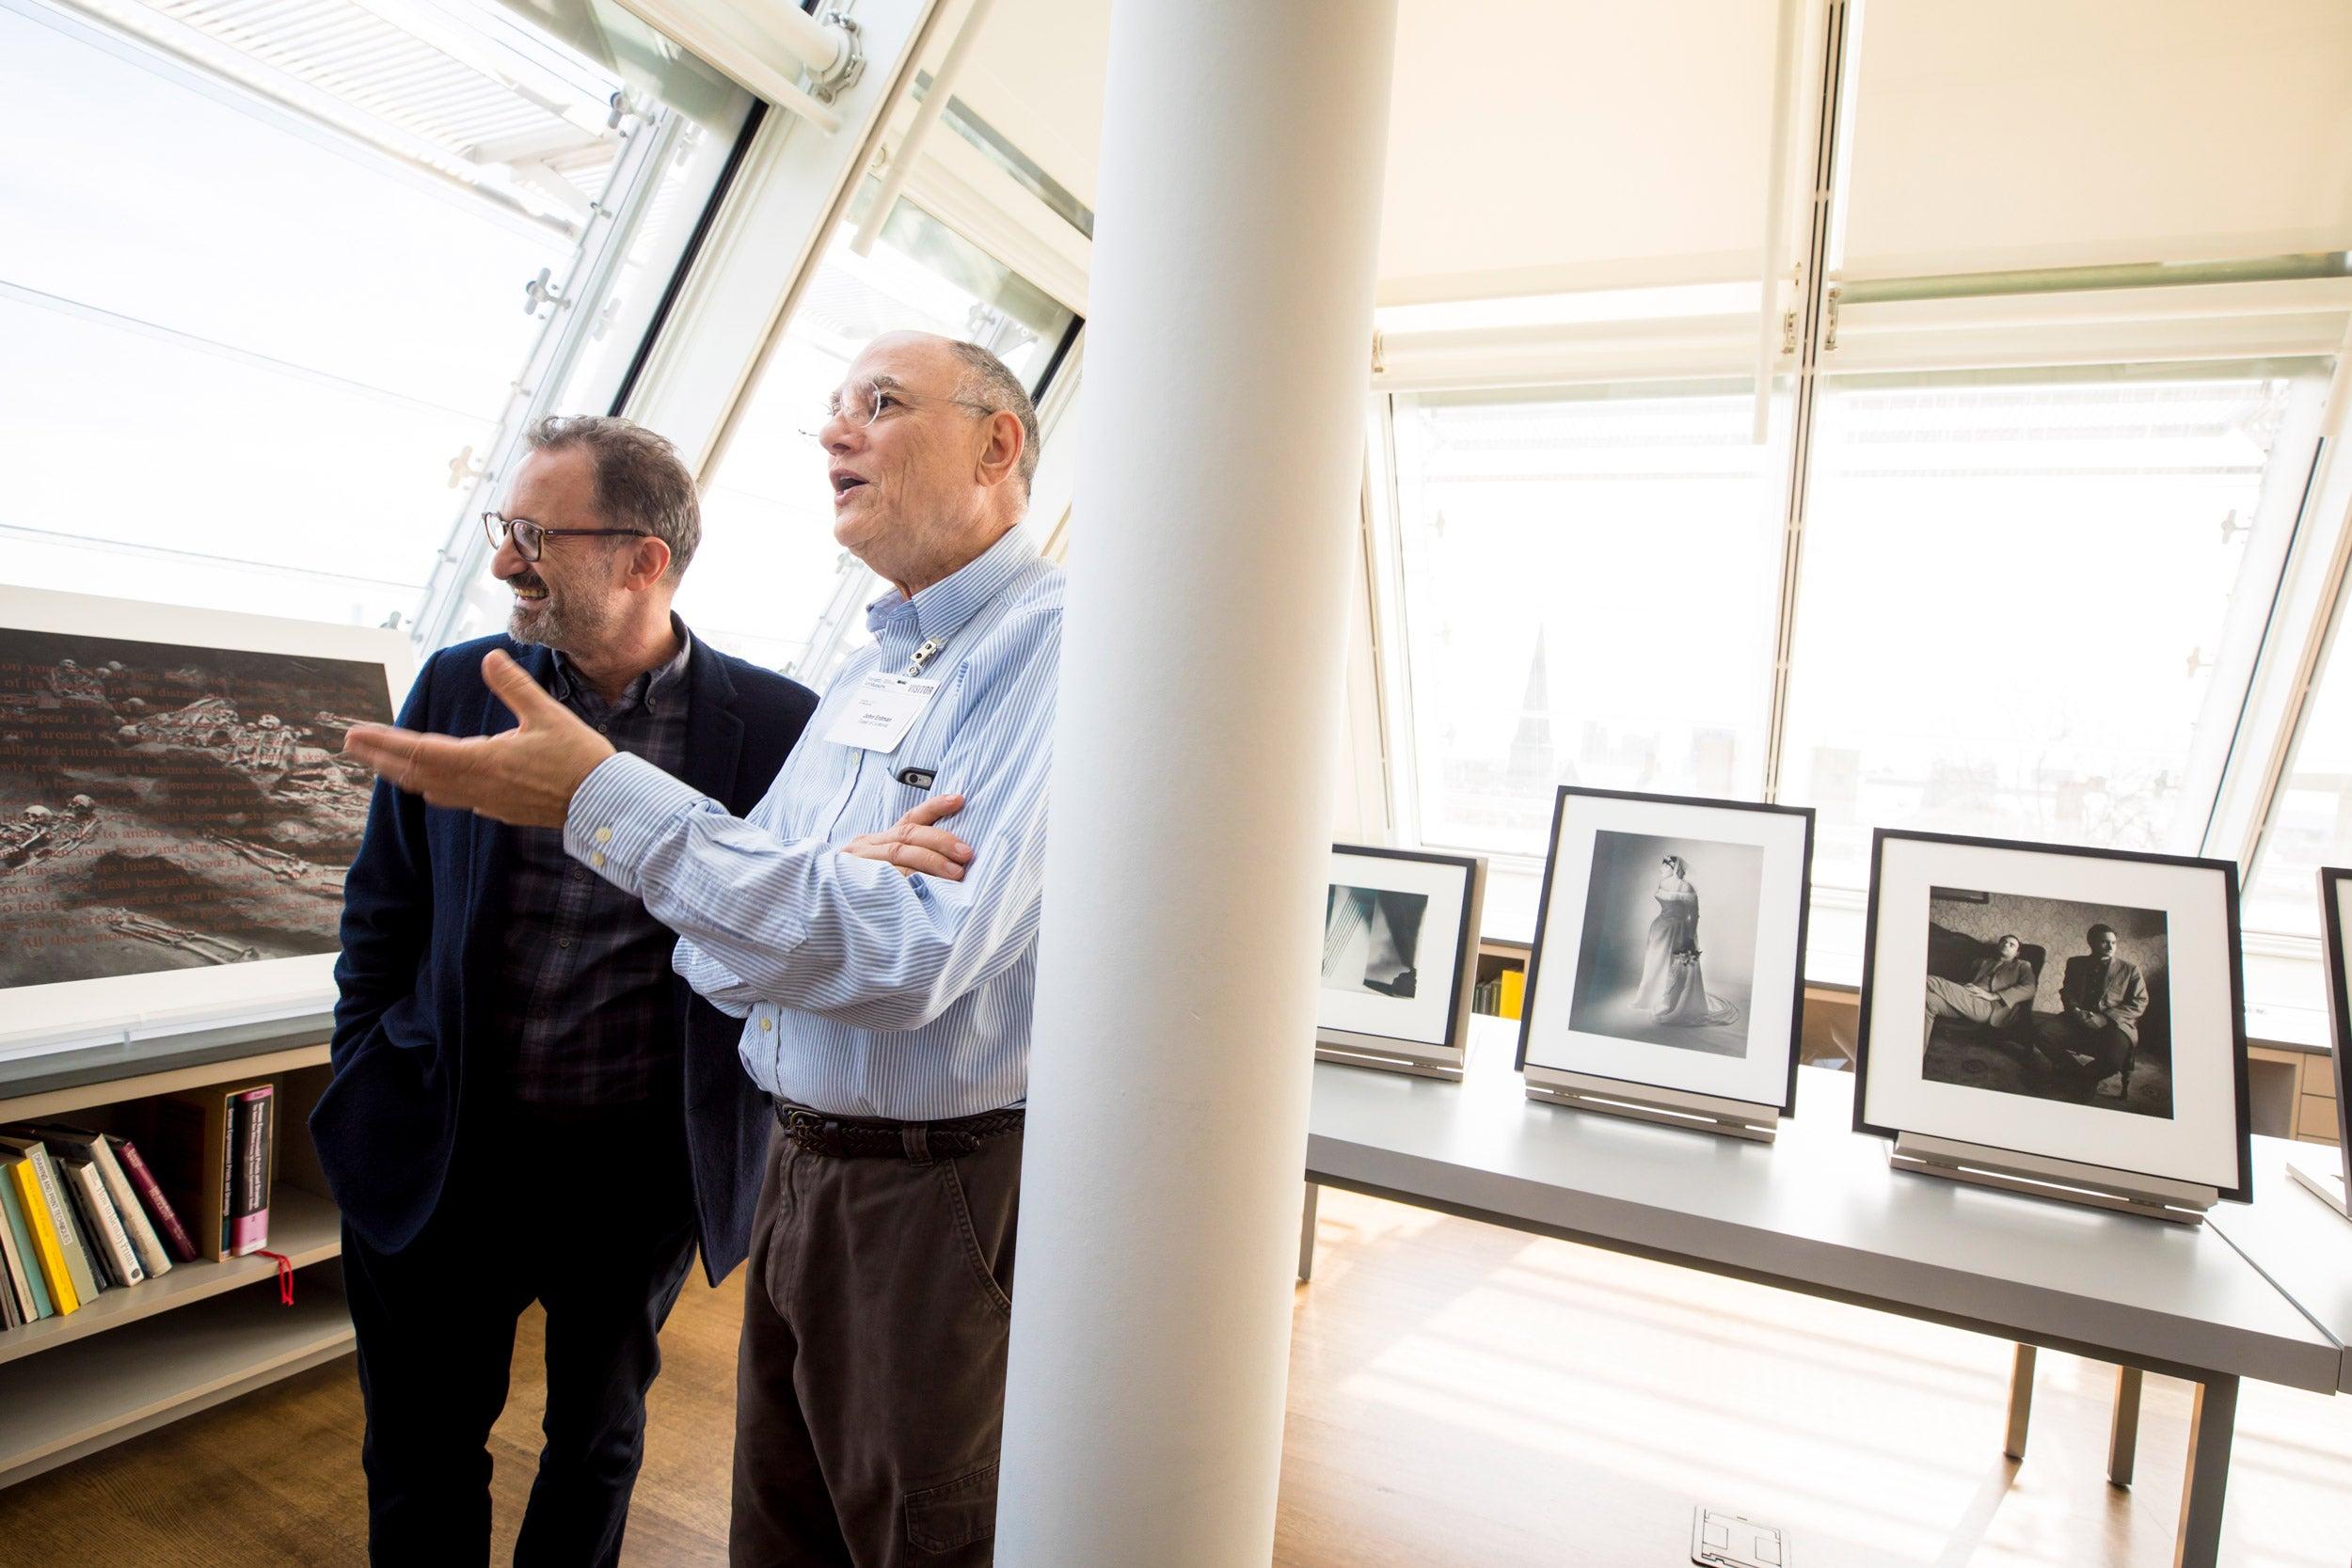 Gary Schneider and John Erdman at Harvard Art Museums exhibit.